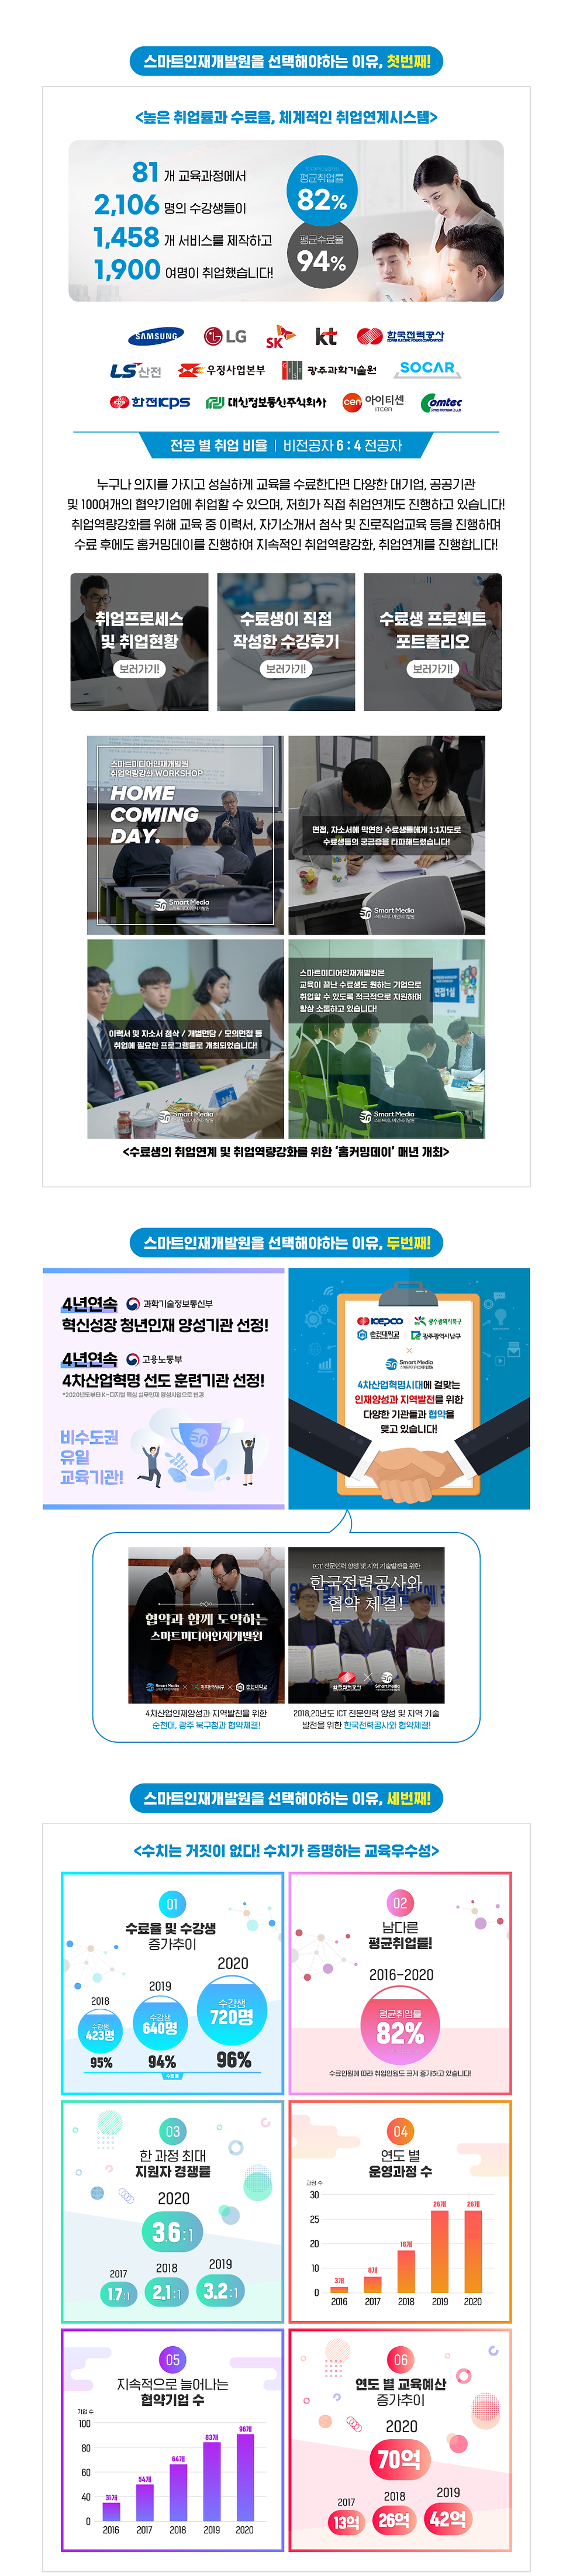 홈페이지-교육특징-(201104).png